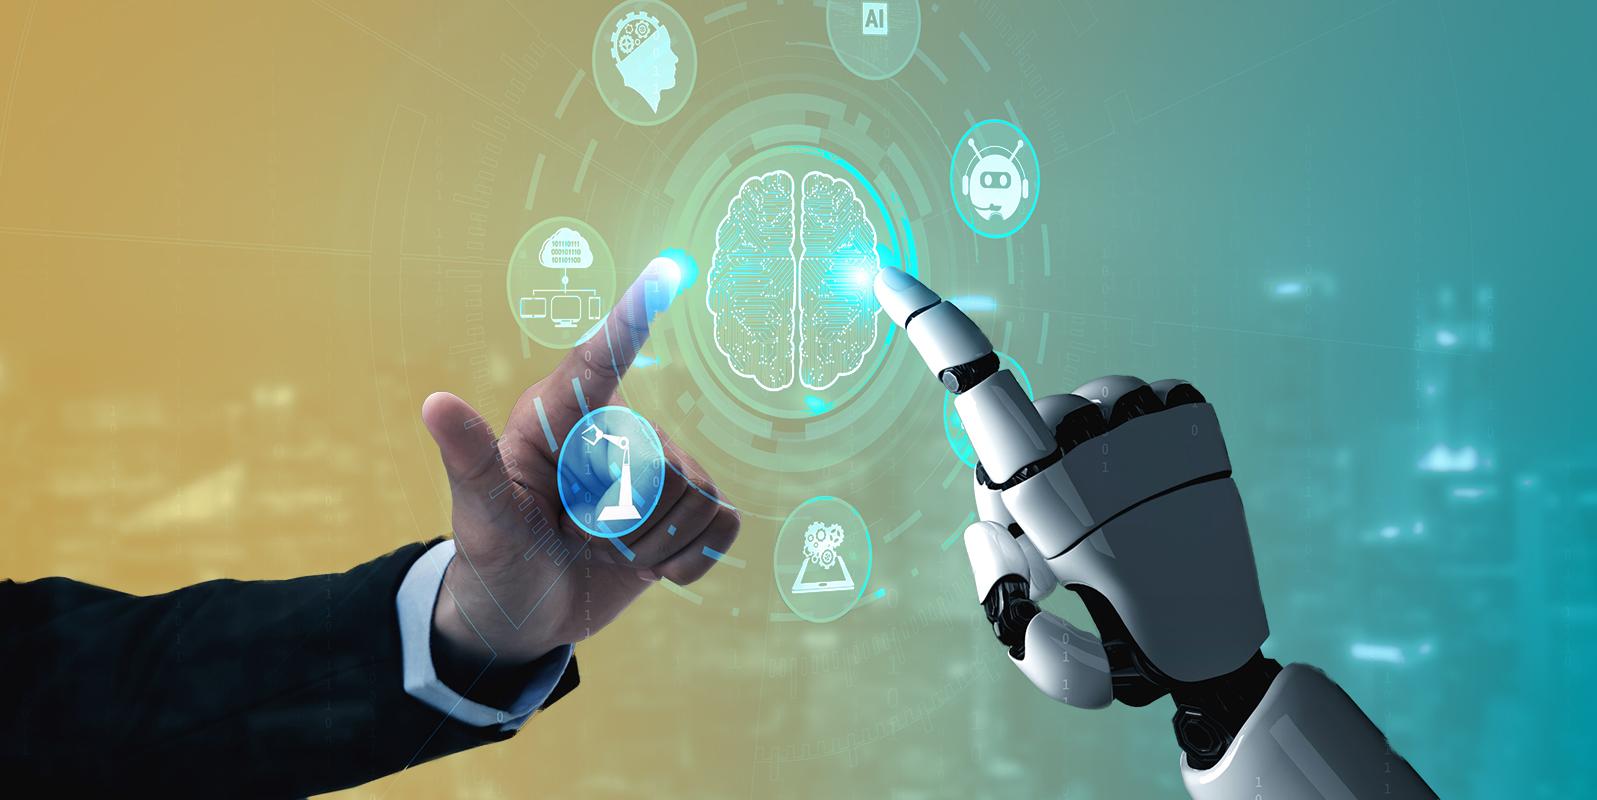 Industrias + IA = Evolución